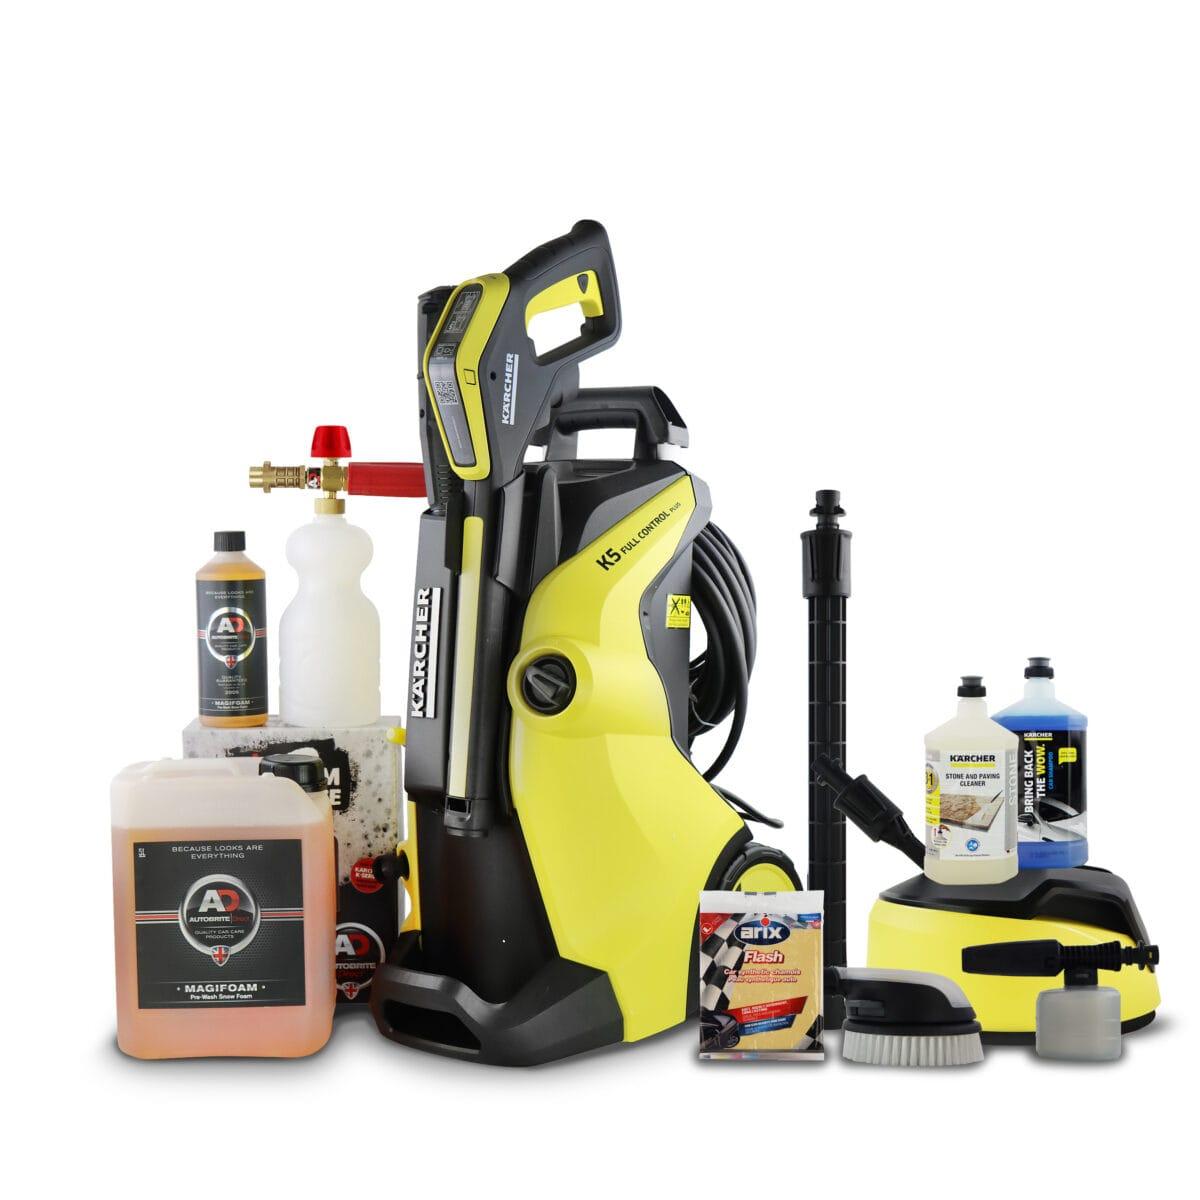 Karcher K5 home and car kit